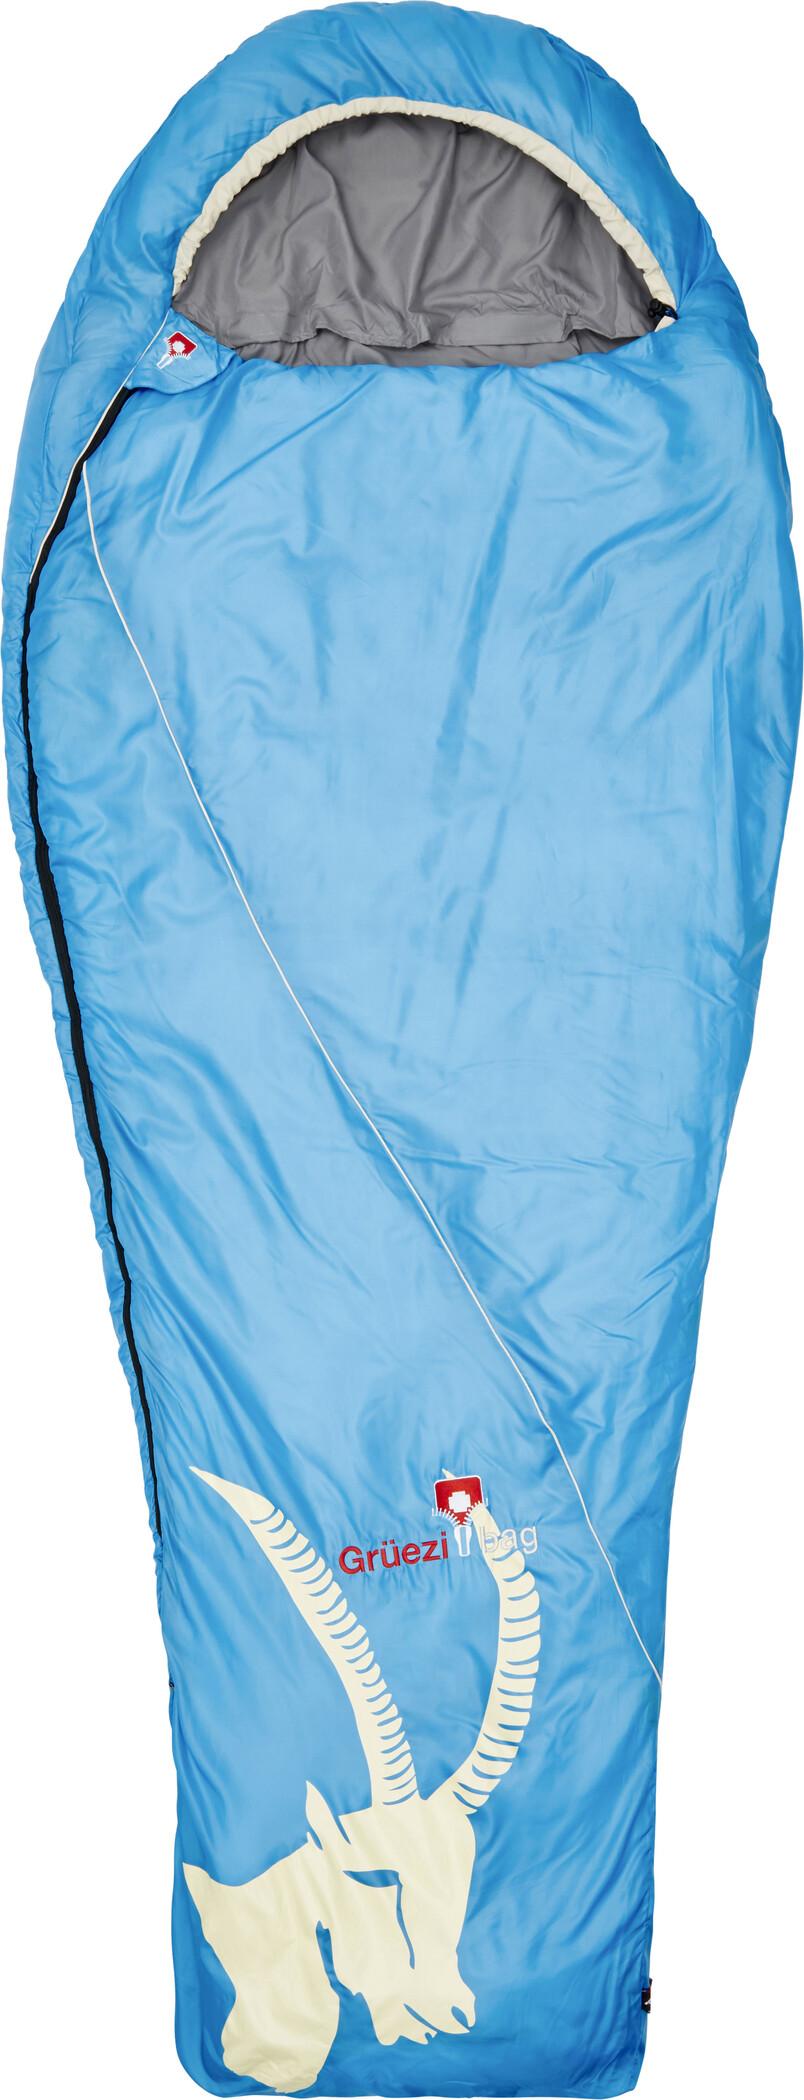 Grüezi-Bag Cloud Sovepose, True Blue | Transport og opbevaring > Tilbehør